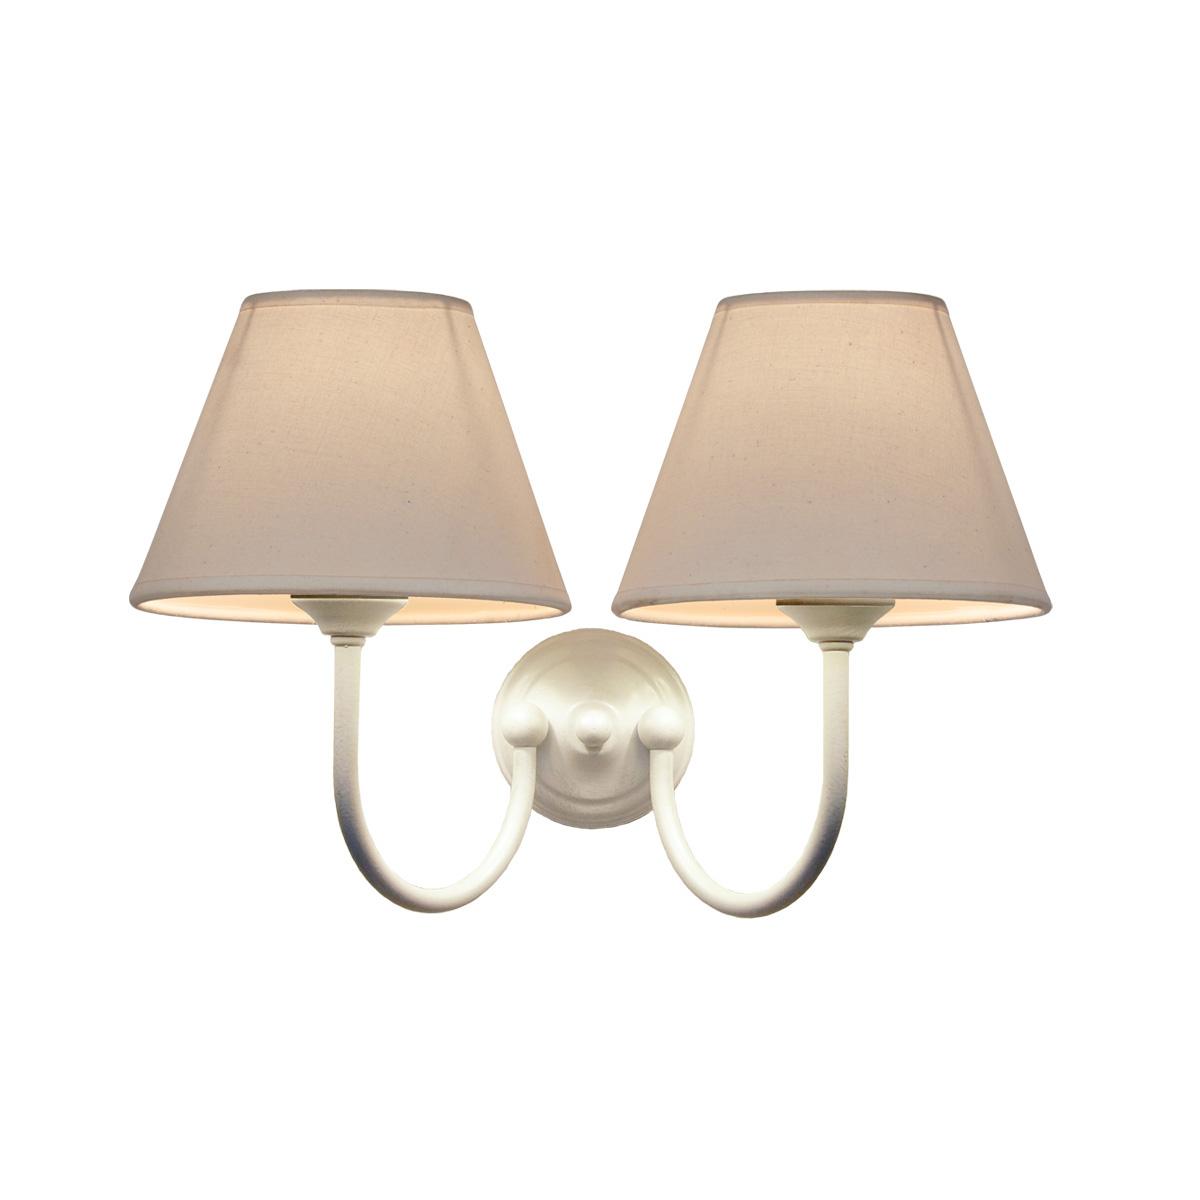 2φωτη ρουστίκ απλίκα με καπέλο ΝΑΞΟΣ-2 2-bulb rustic wall lamp with shades